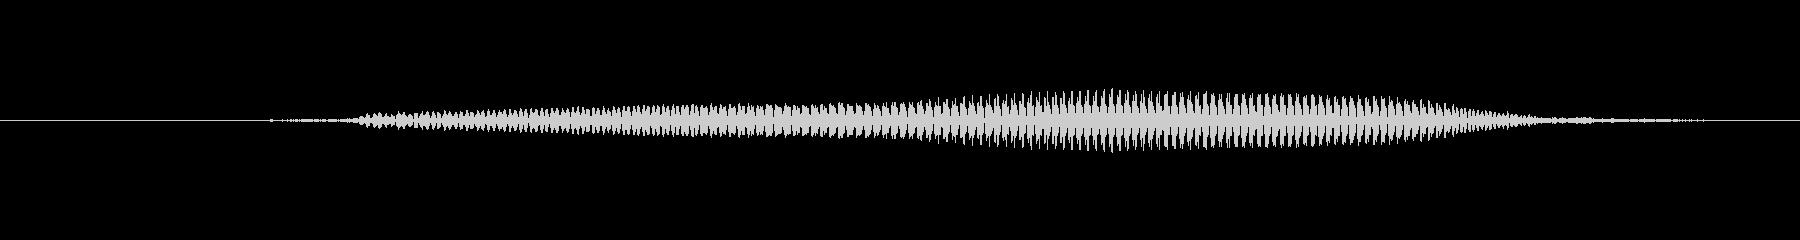 鳴き声 混乱したQuizzical...の未再生の波形